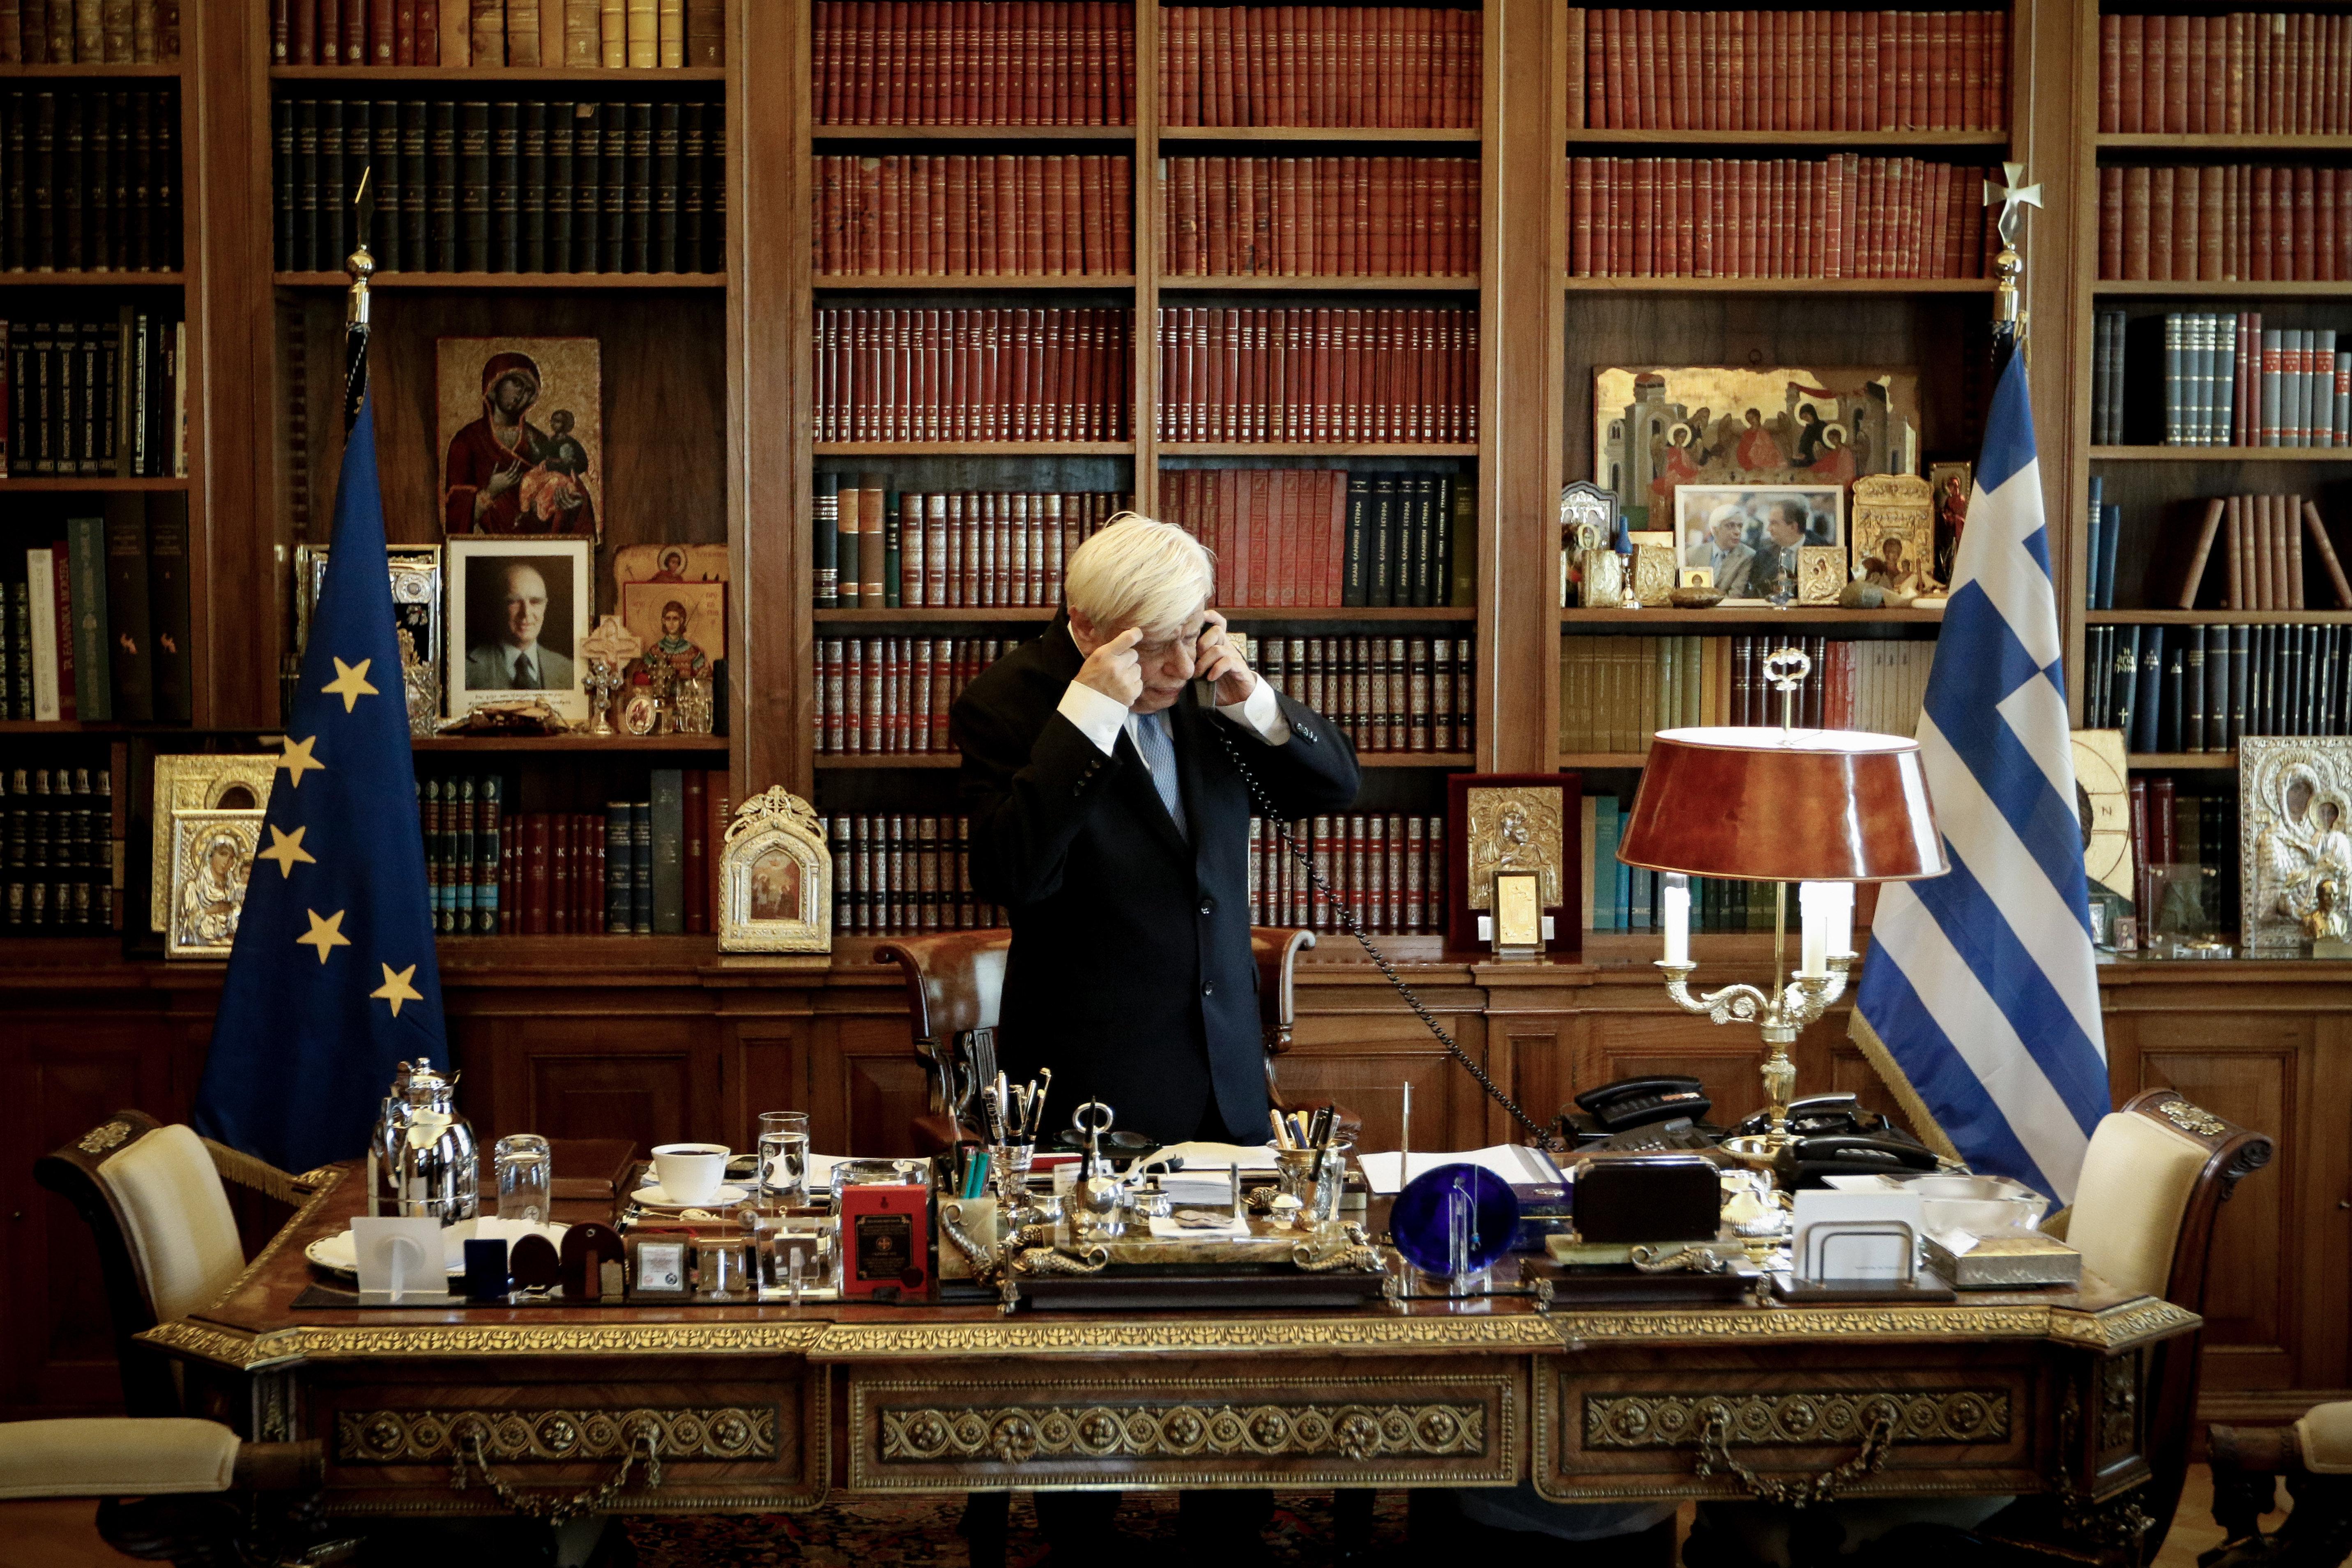 Αυστηρό μήνυμα Παυλόπουλου στην Τουρκία: Η Ελλάδα θα χρησιμοποιήσει κάθε μέσο για να υπερασπιστεί τους στρατιωτικούς